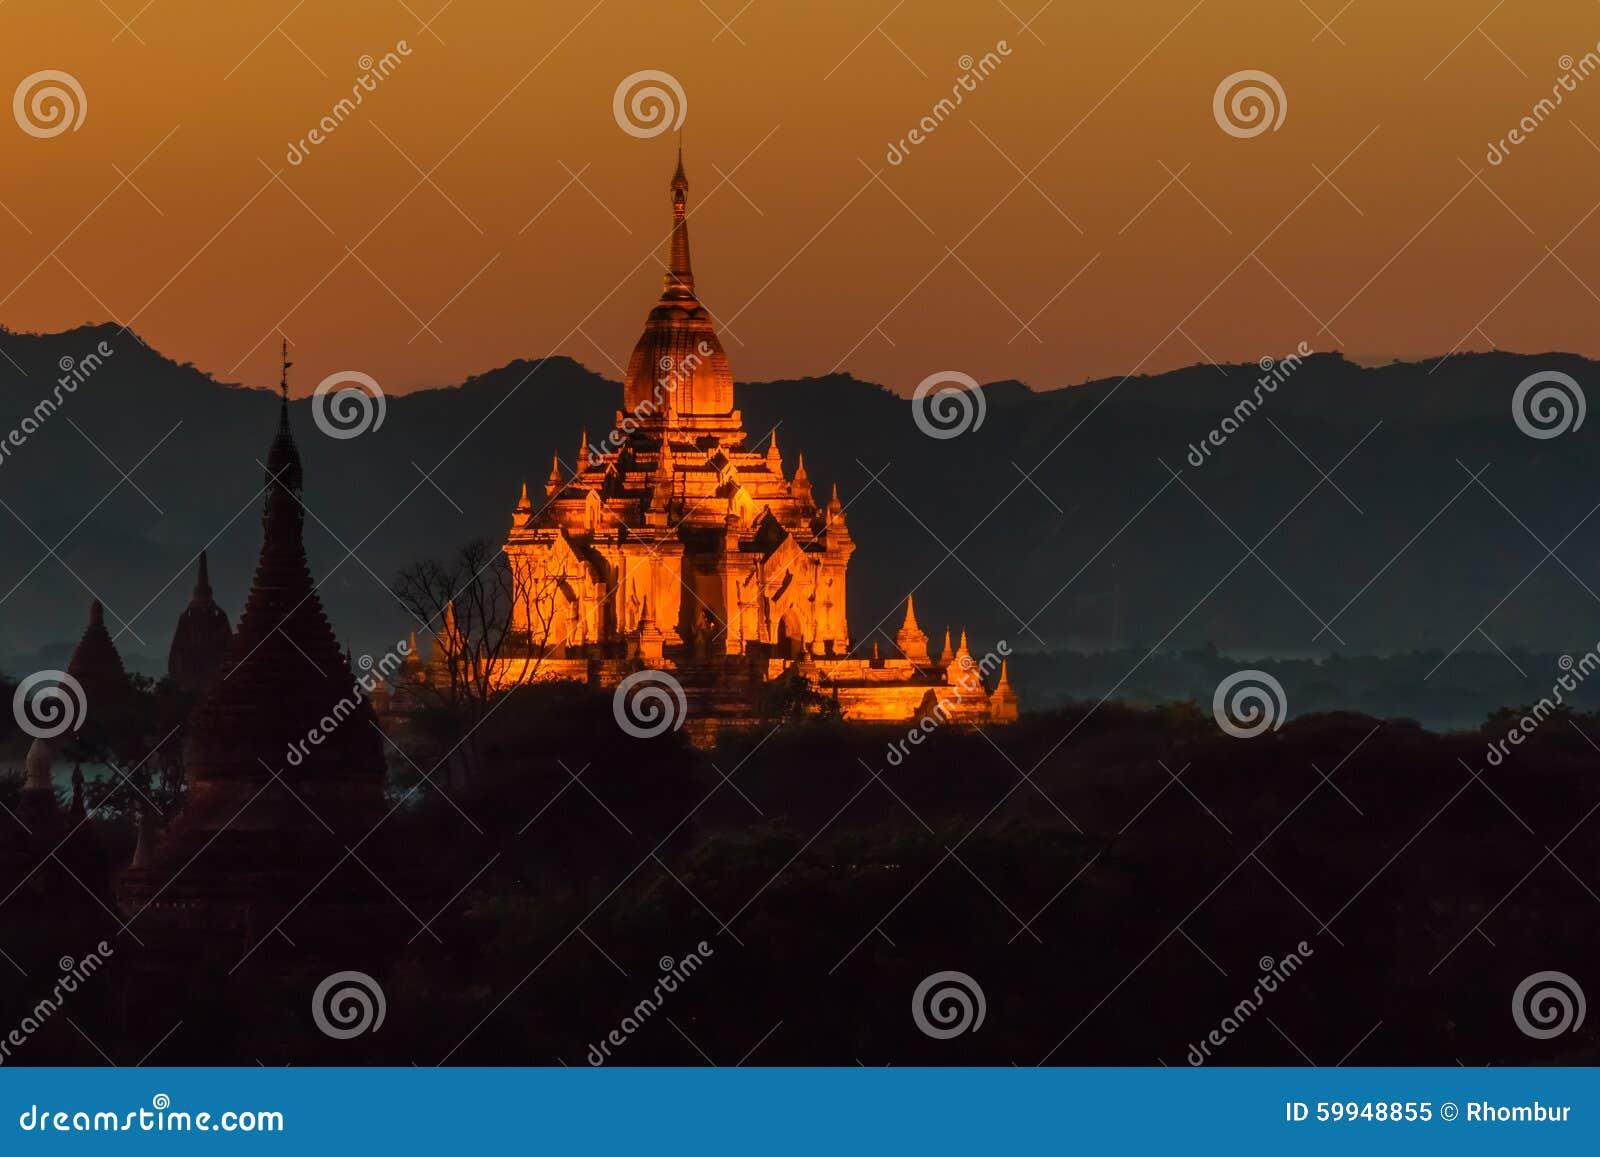 The illuminated Htilominlo temple at sunset